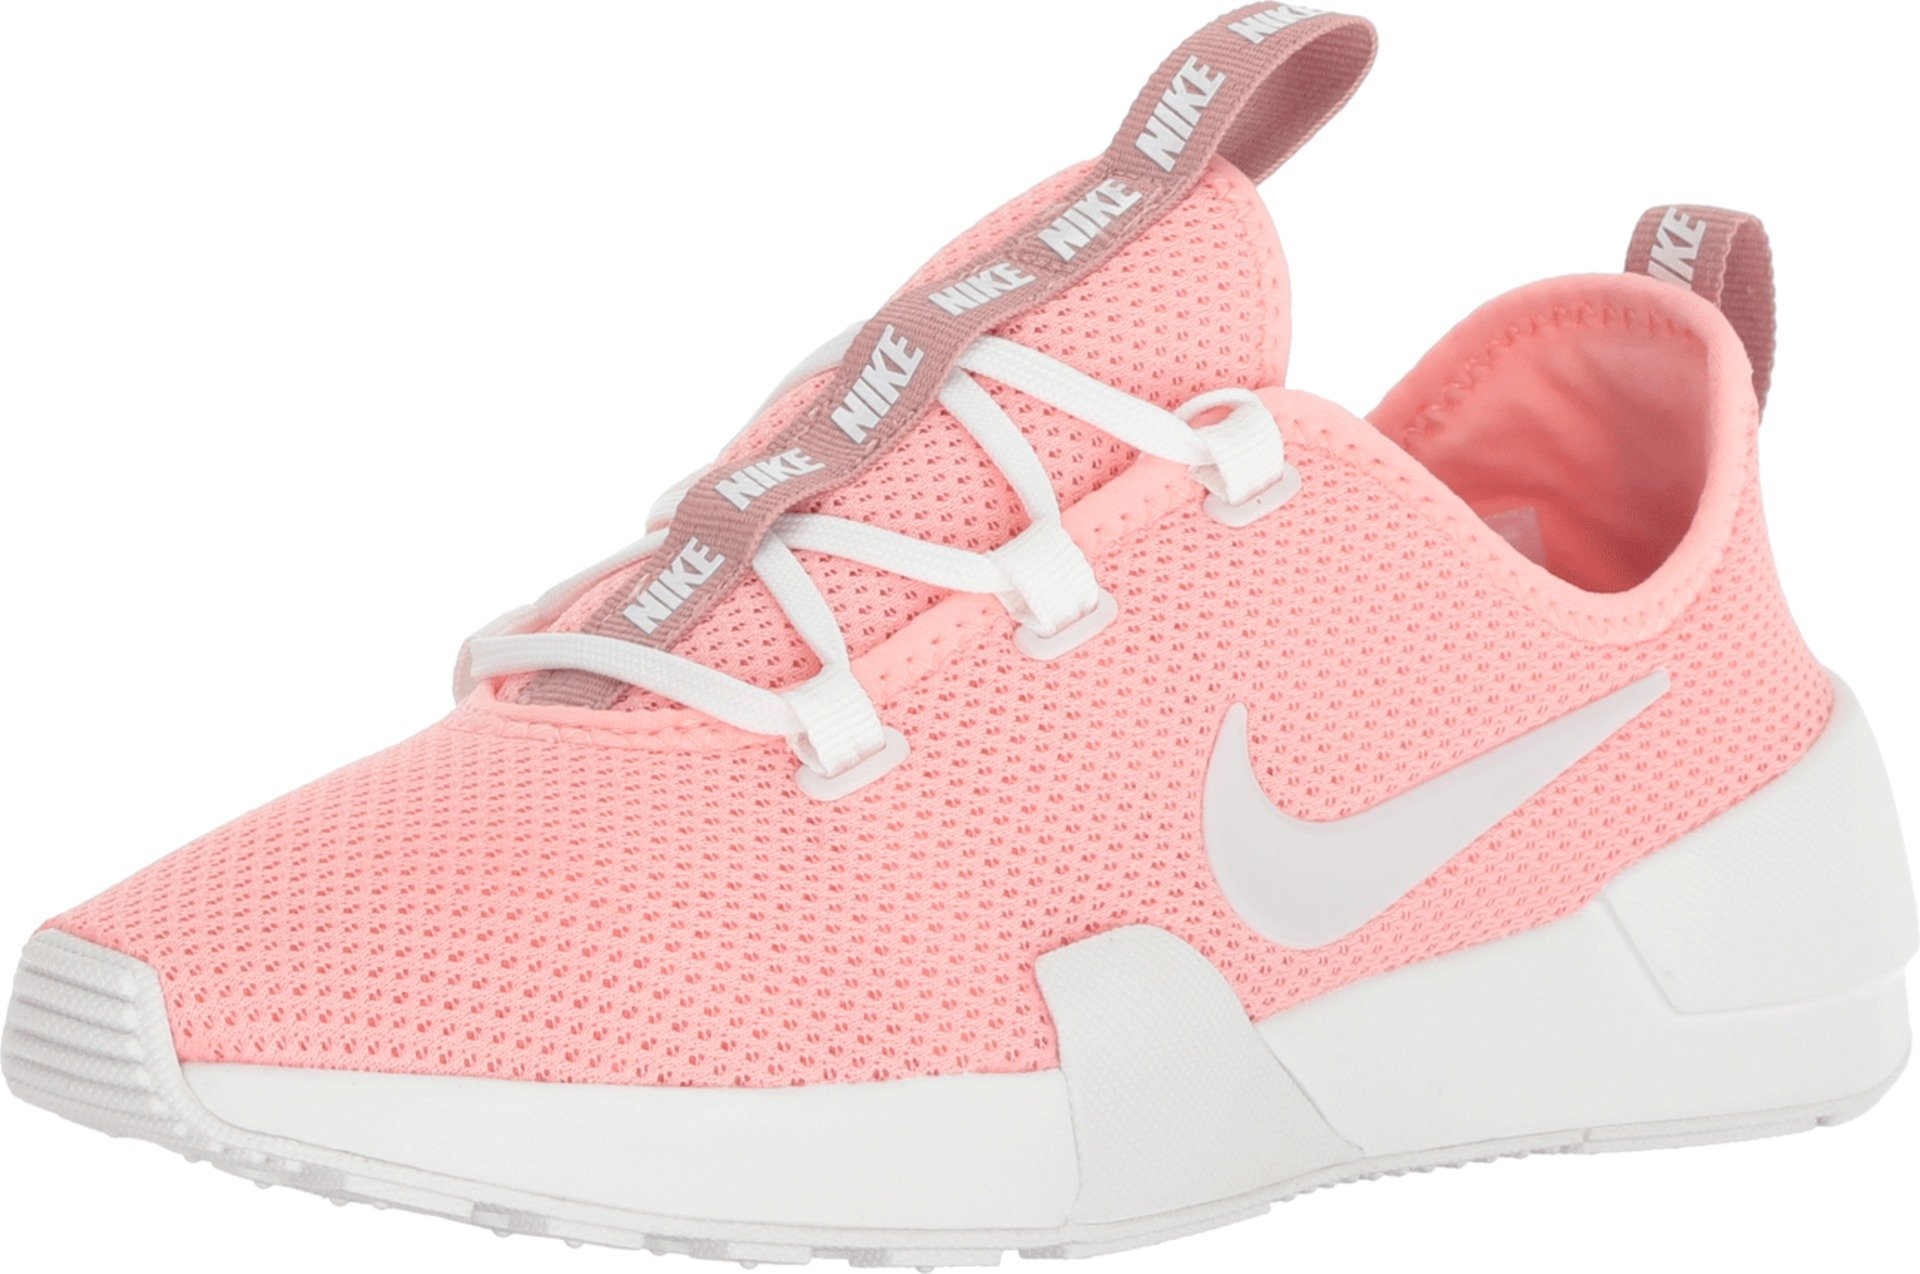 3f3b61ff43645 Nike Women's Ashin Modern Running Shoes (9)